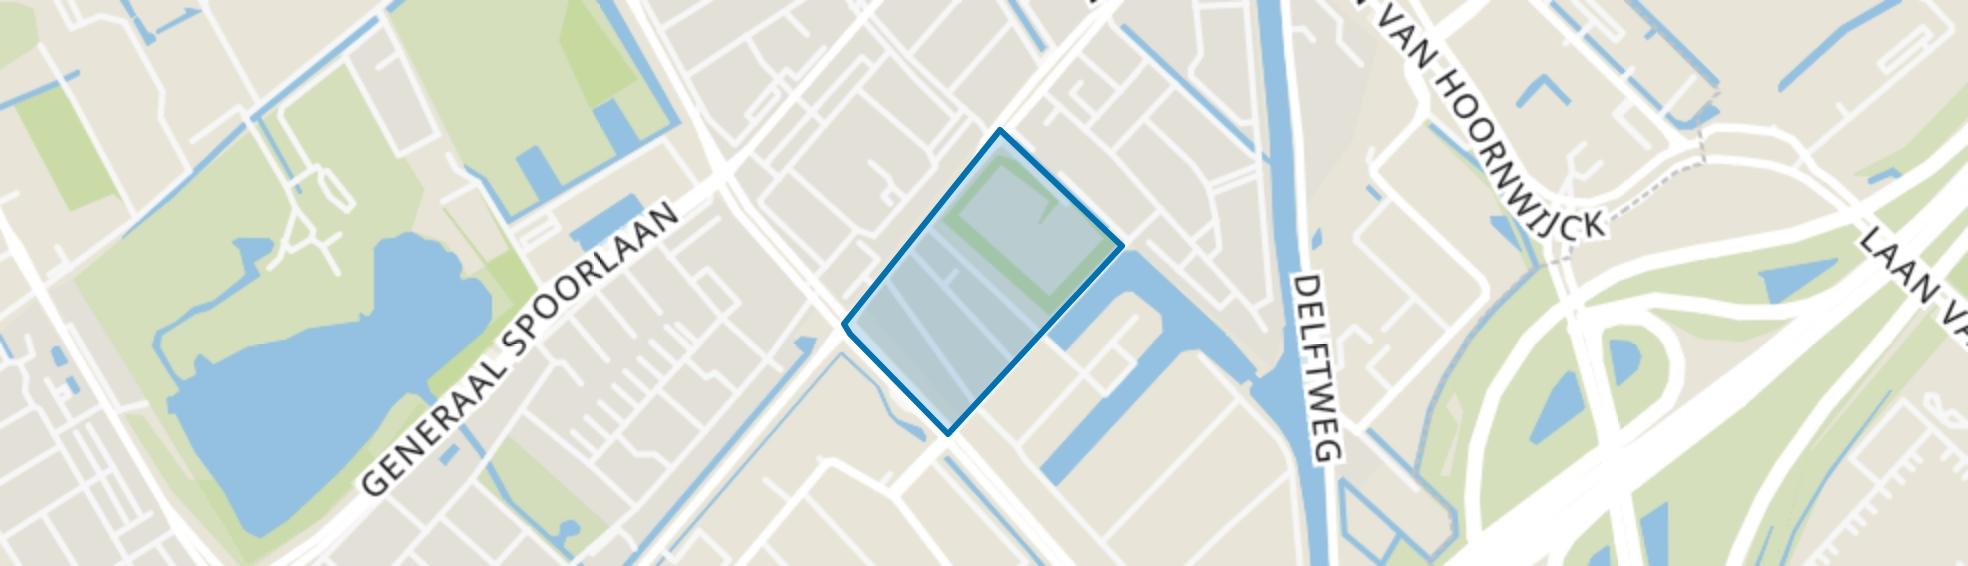 Havenkwartier, Rijswijk (ZH) map